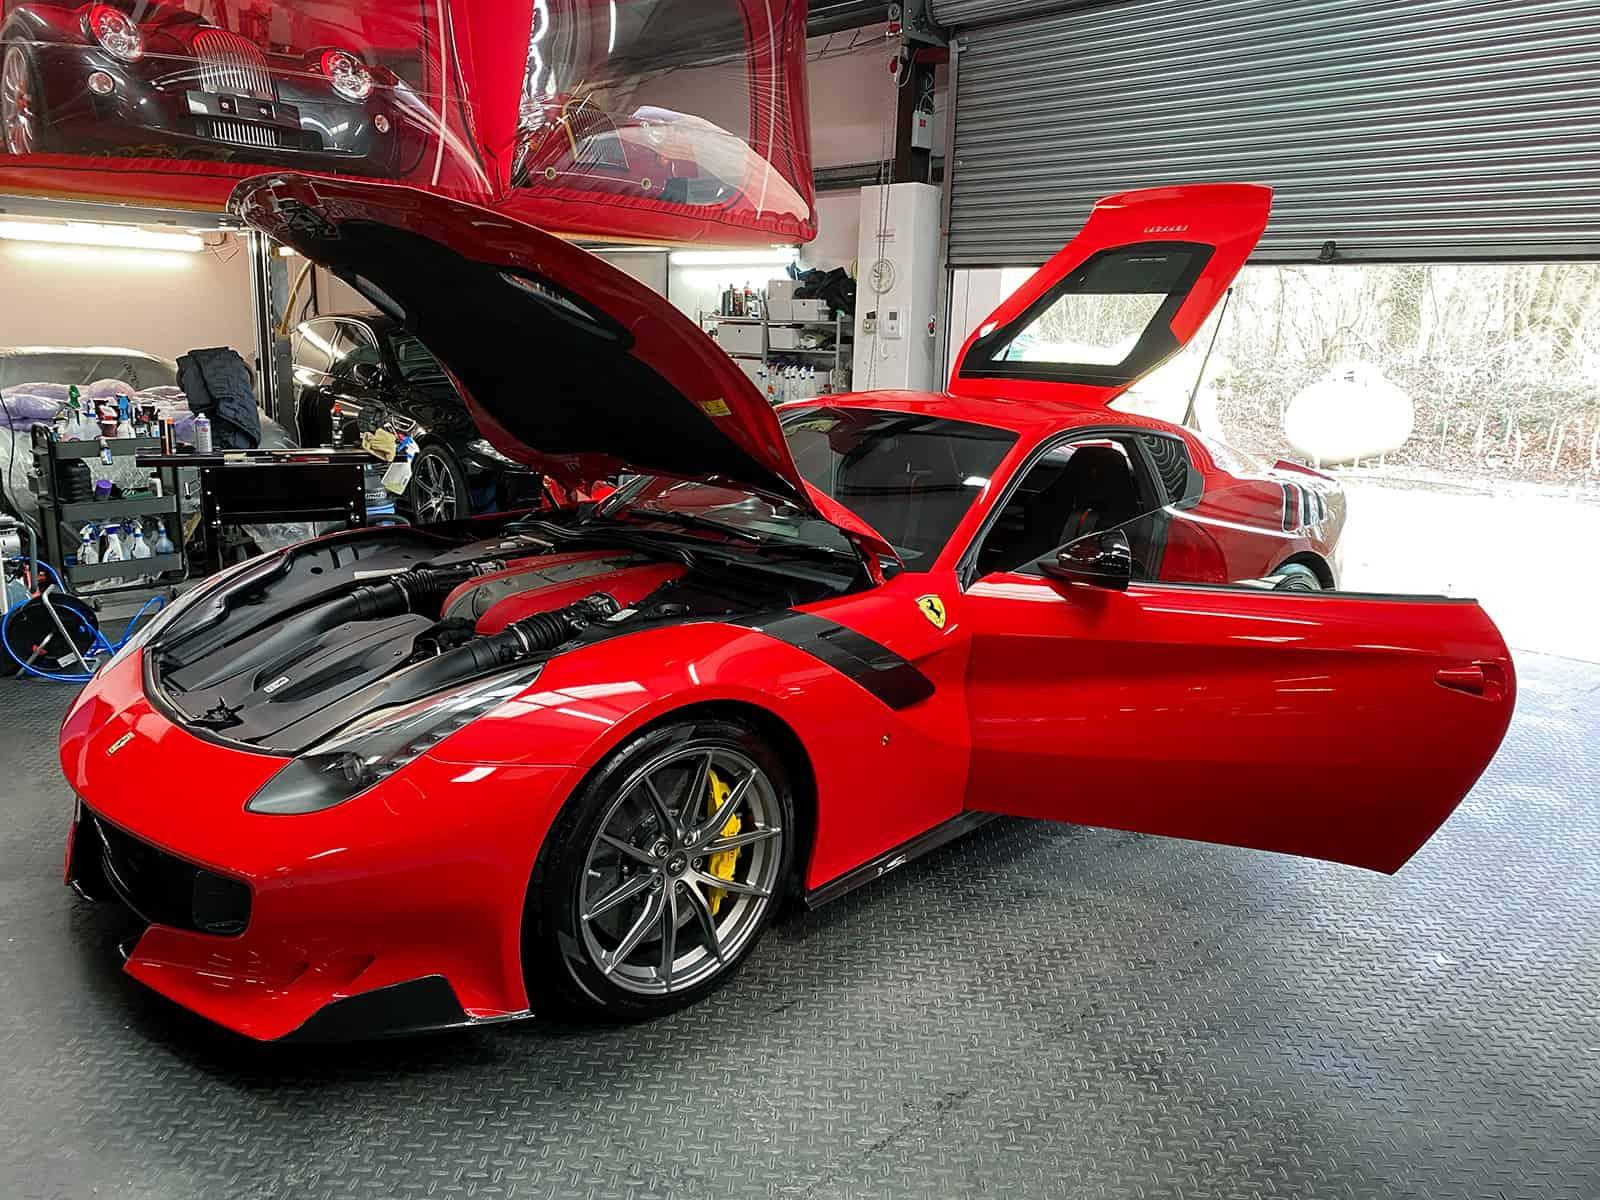 Ferrari F12 TDF detailing supercars